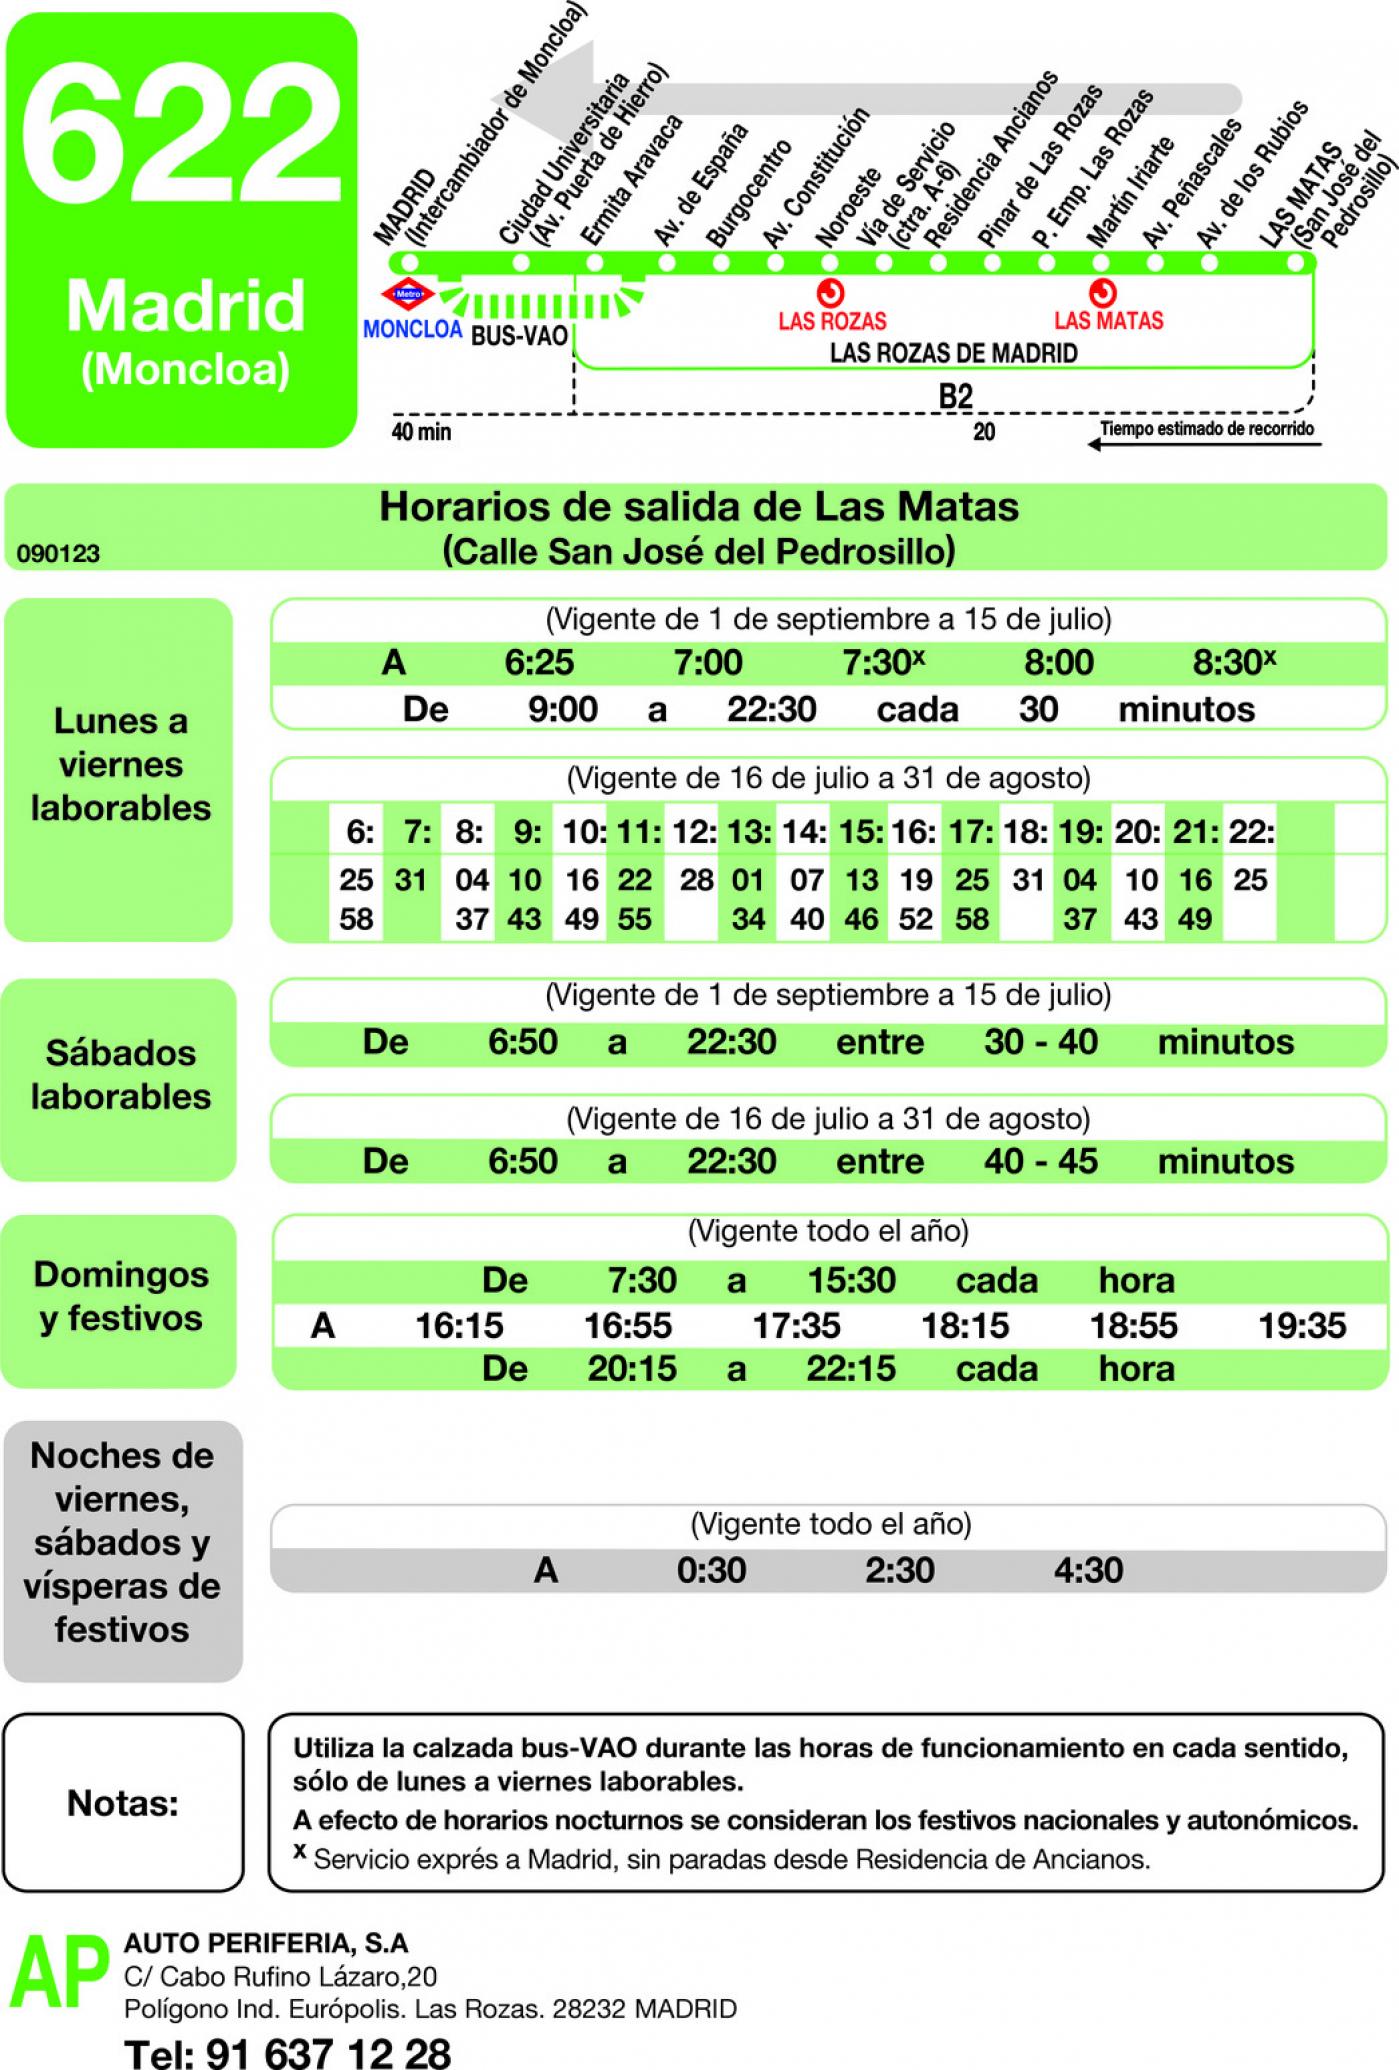 Tabla de horarios y frecuencias de paso en sentido vuelta Línea 622: Madrid (Moncloa) - Las Rozas - Las Matas